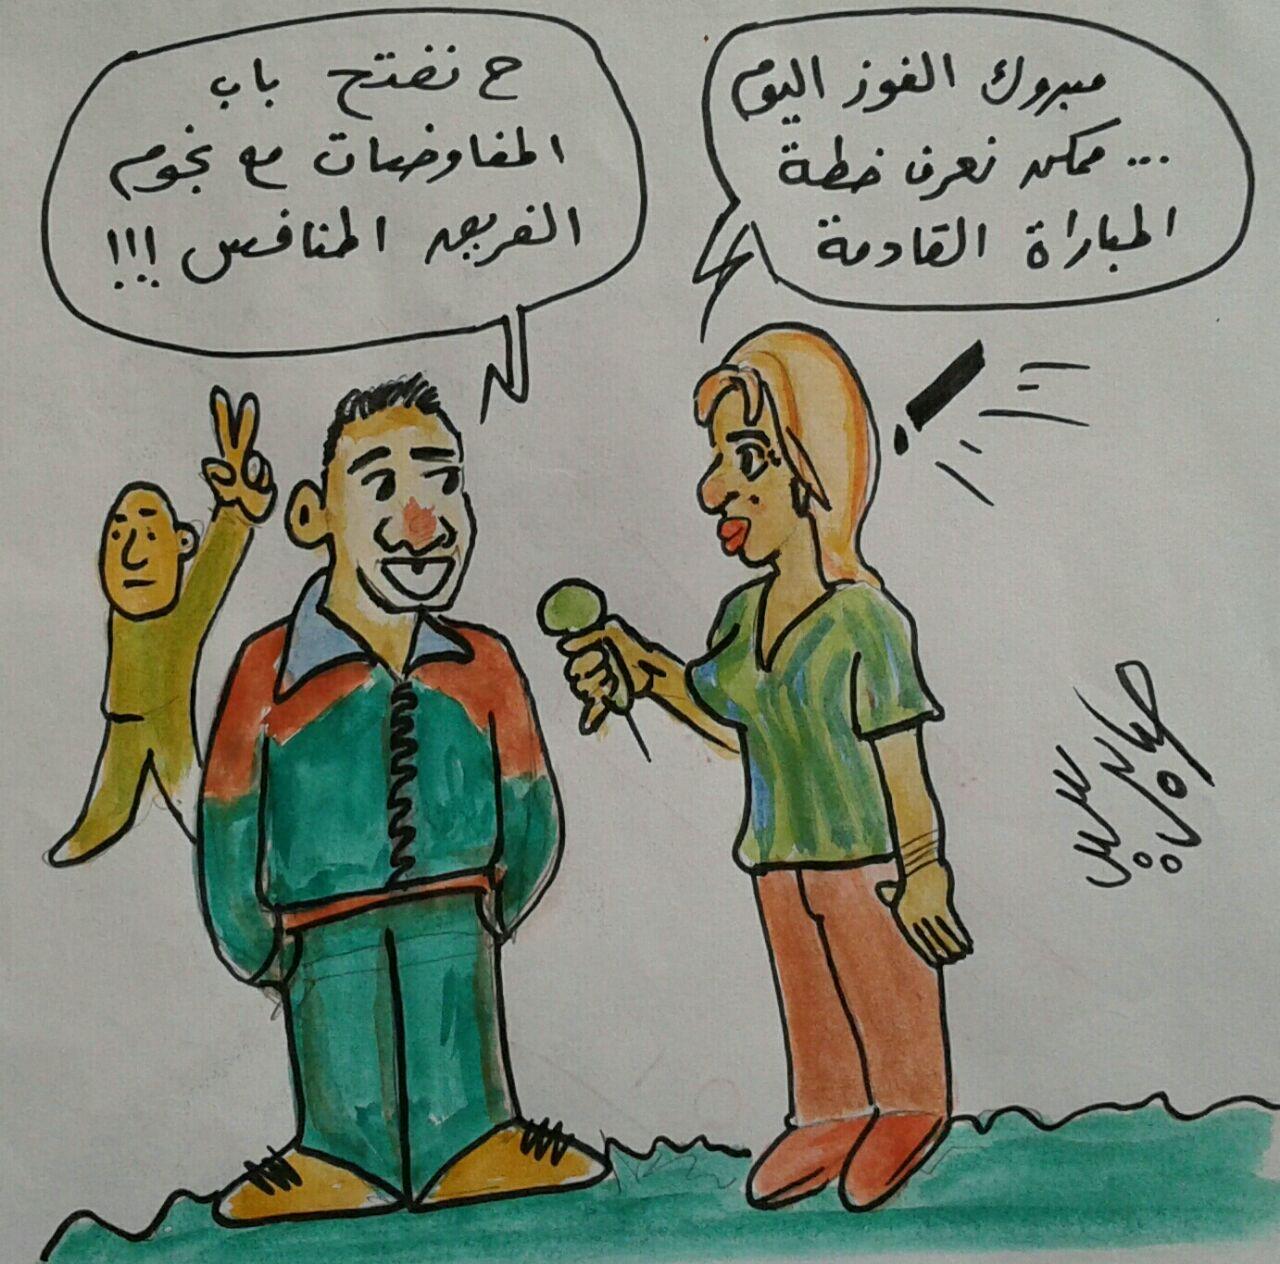 كاريكاتير: صابر سيد أحمد – أرمنت (الأقصر)